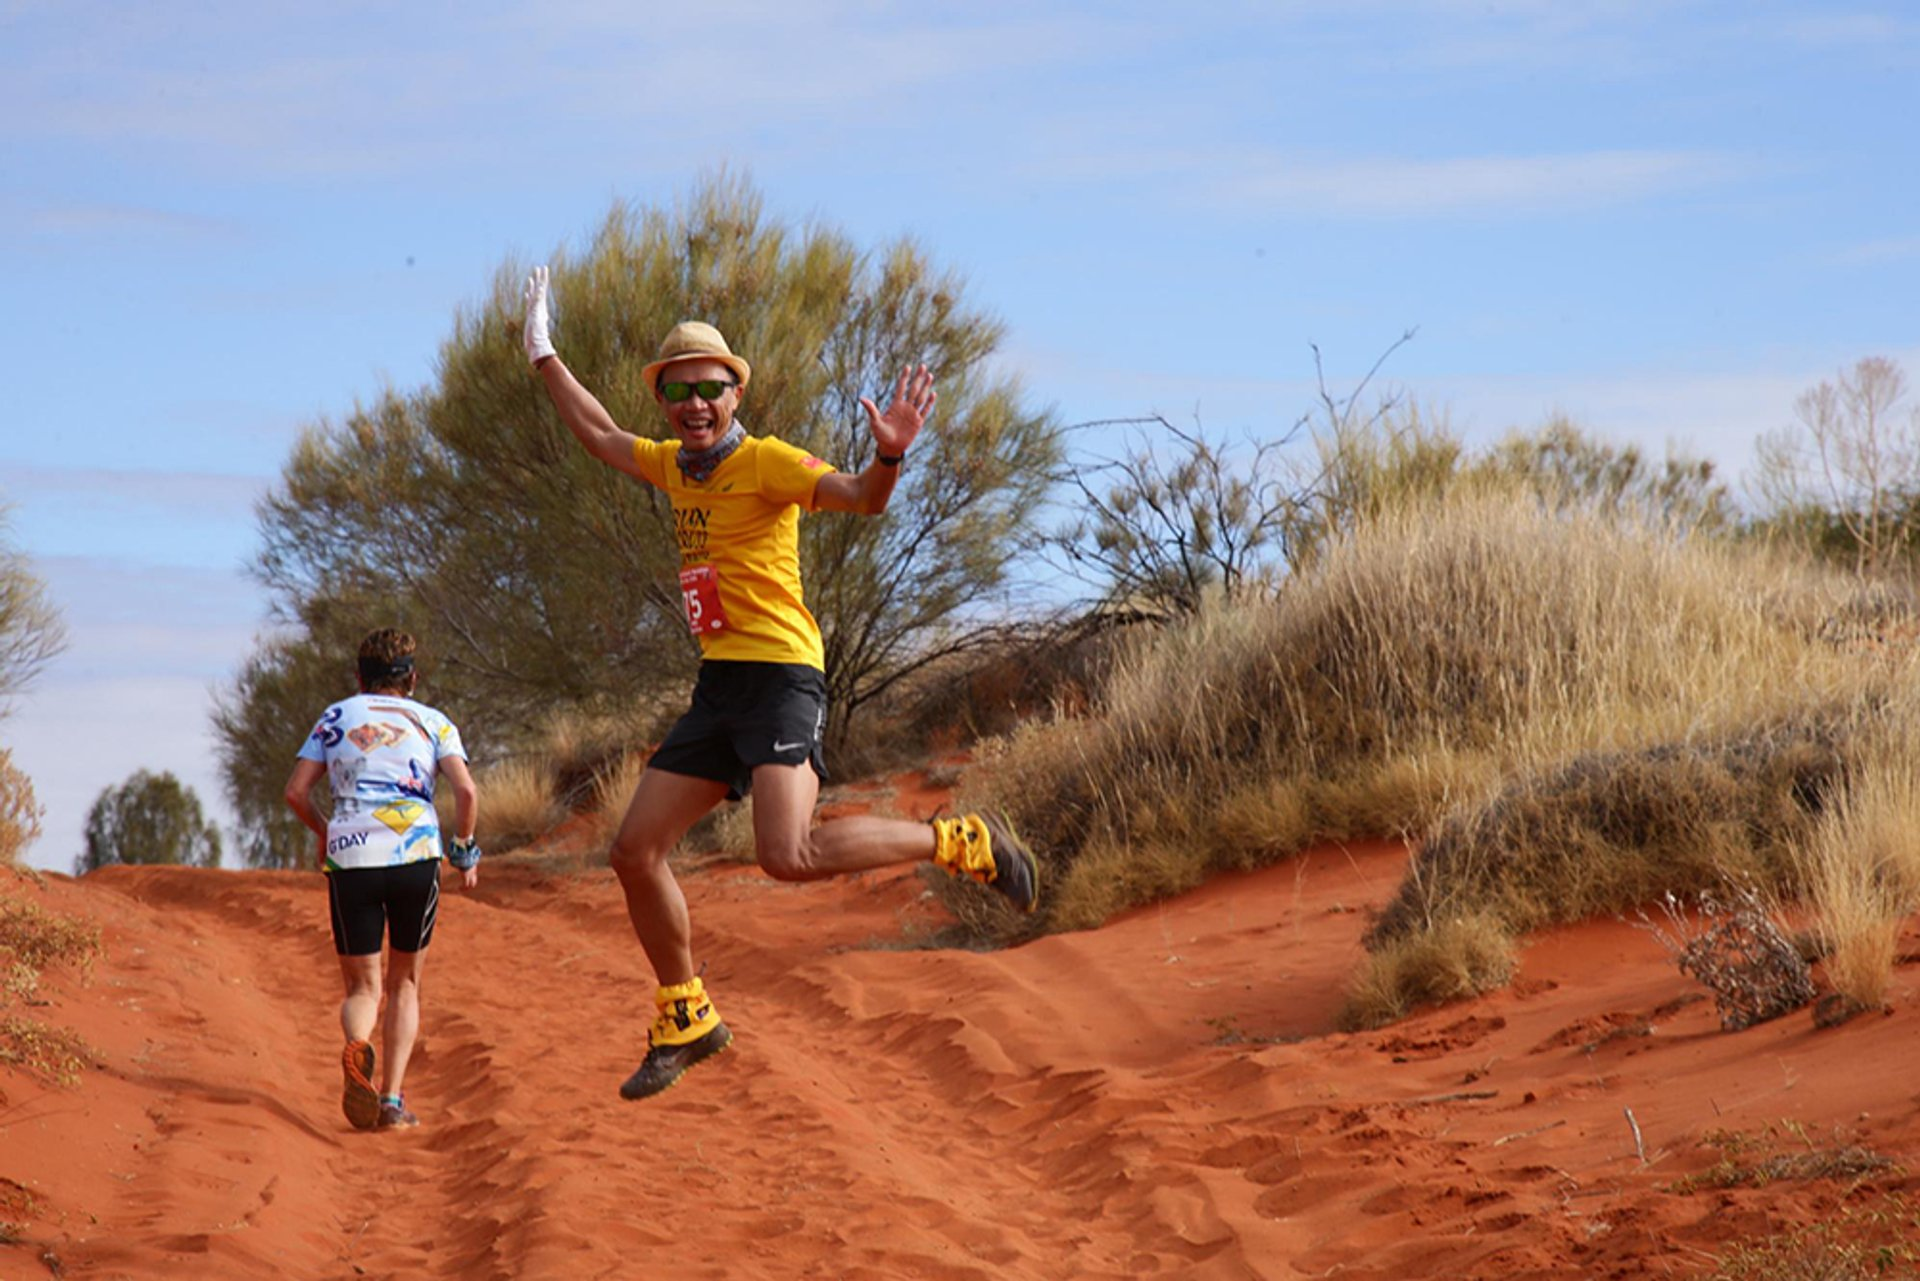 Australian Outback Marathon in Australia - Best Season 2020